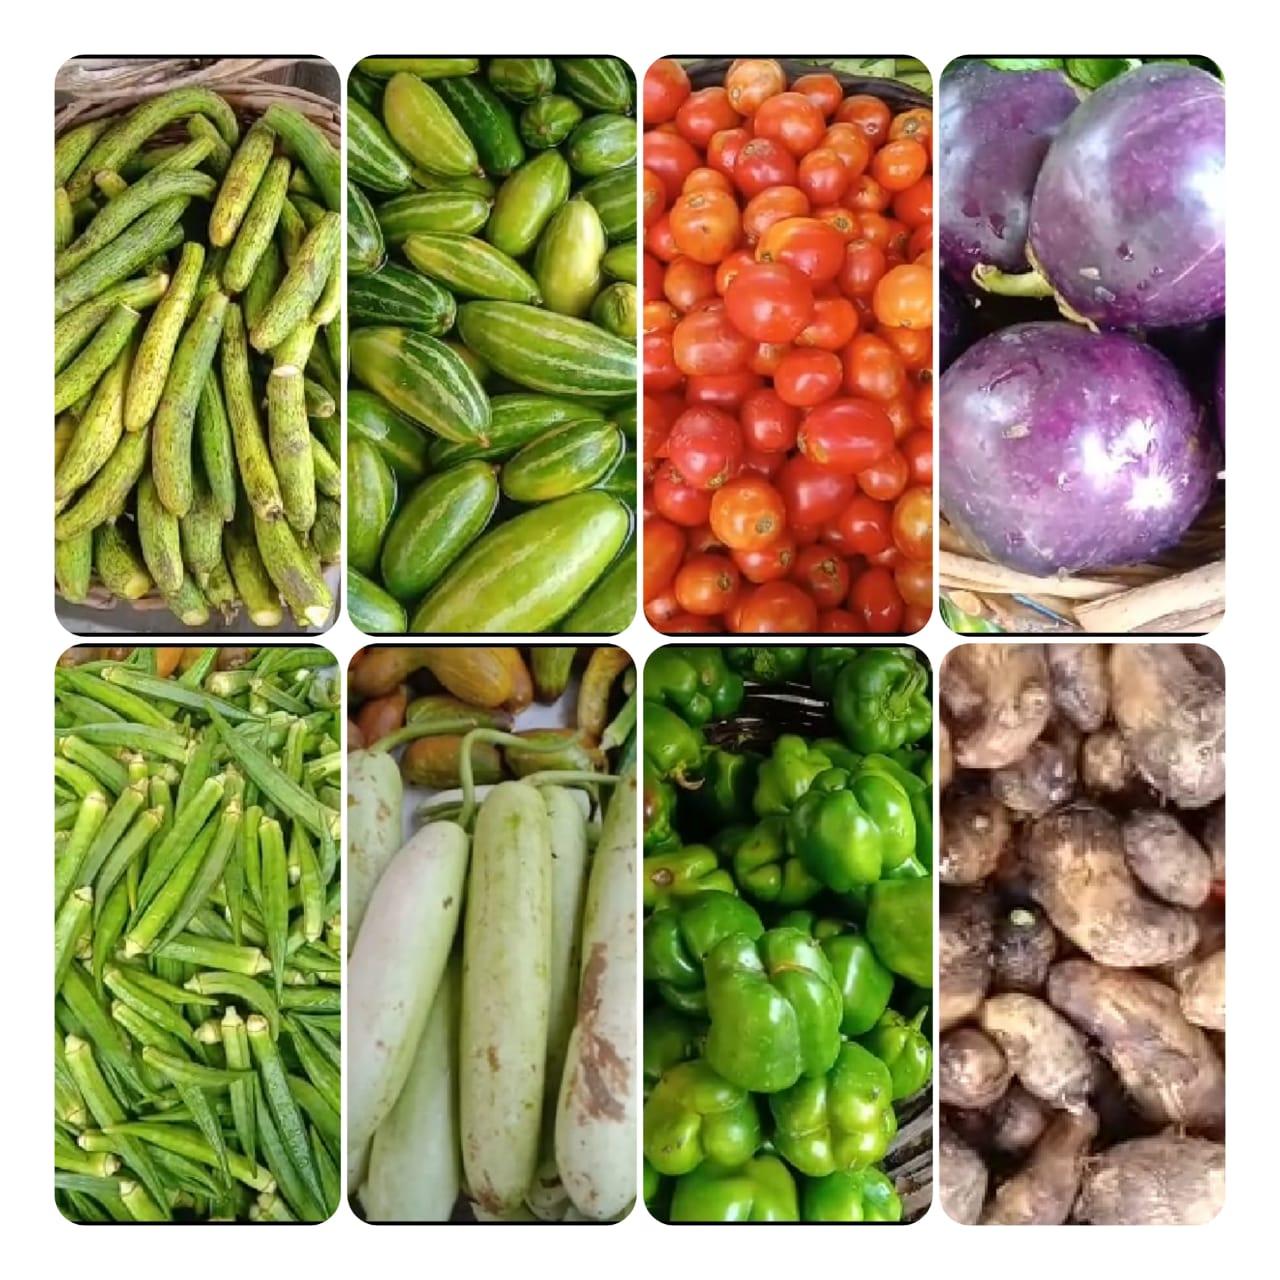 एक सप्ताह के दौरान सब्जियों के दामों में जबरदस्त बढ़ोतरी देखने को मिली सभी सब्जियों के दाम लगभग दुगने हो गए